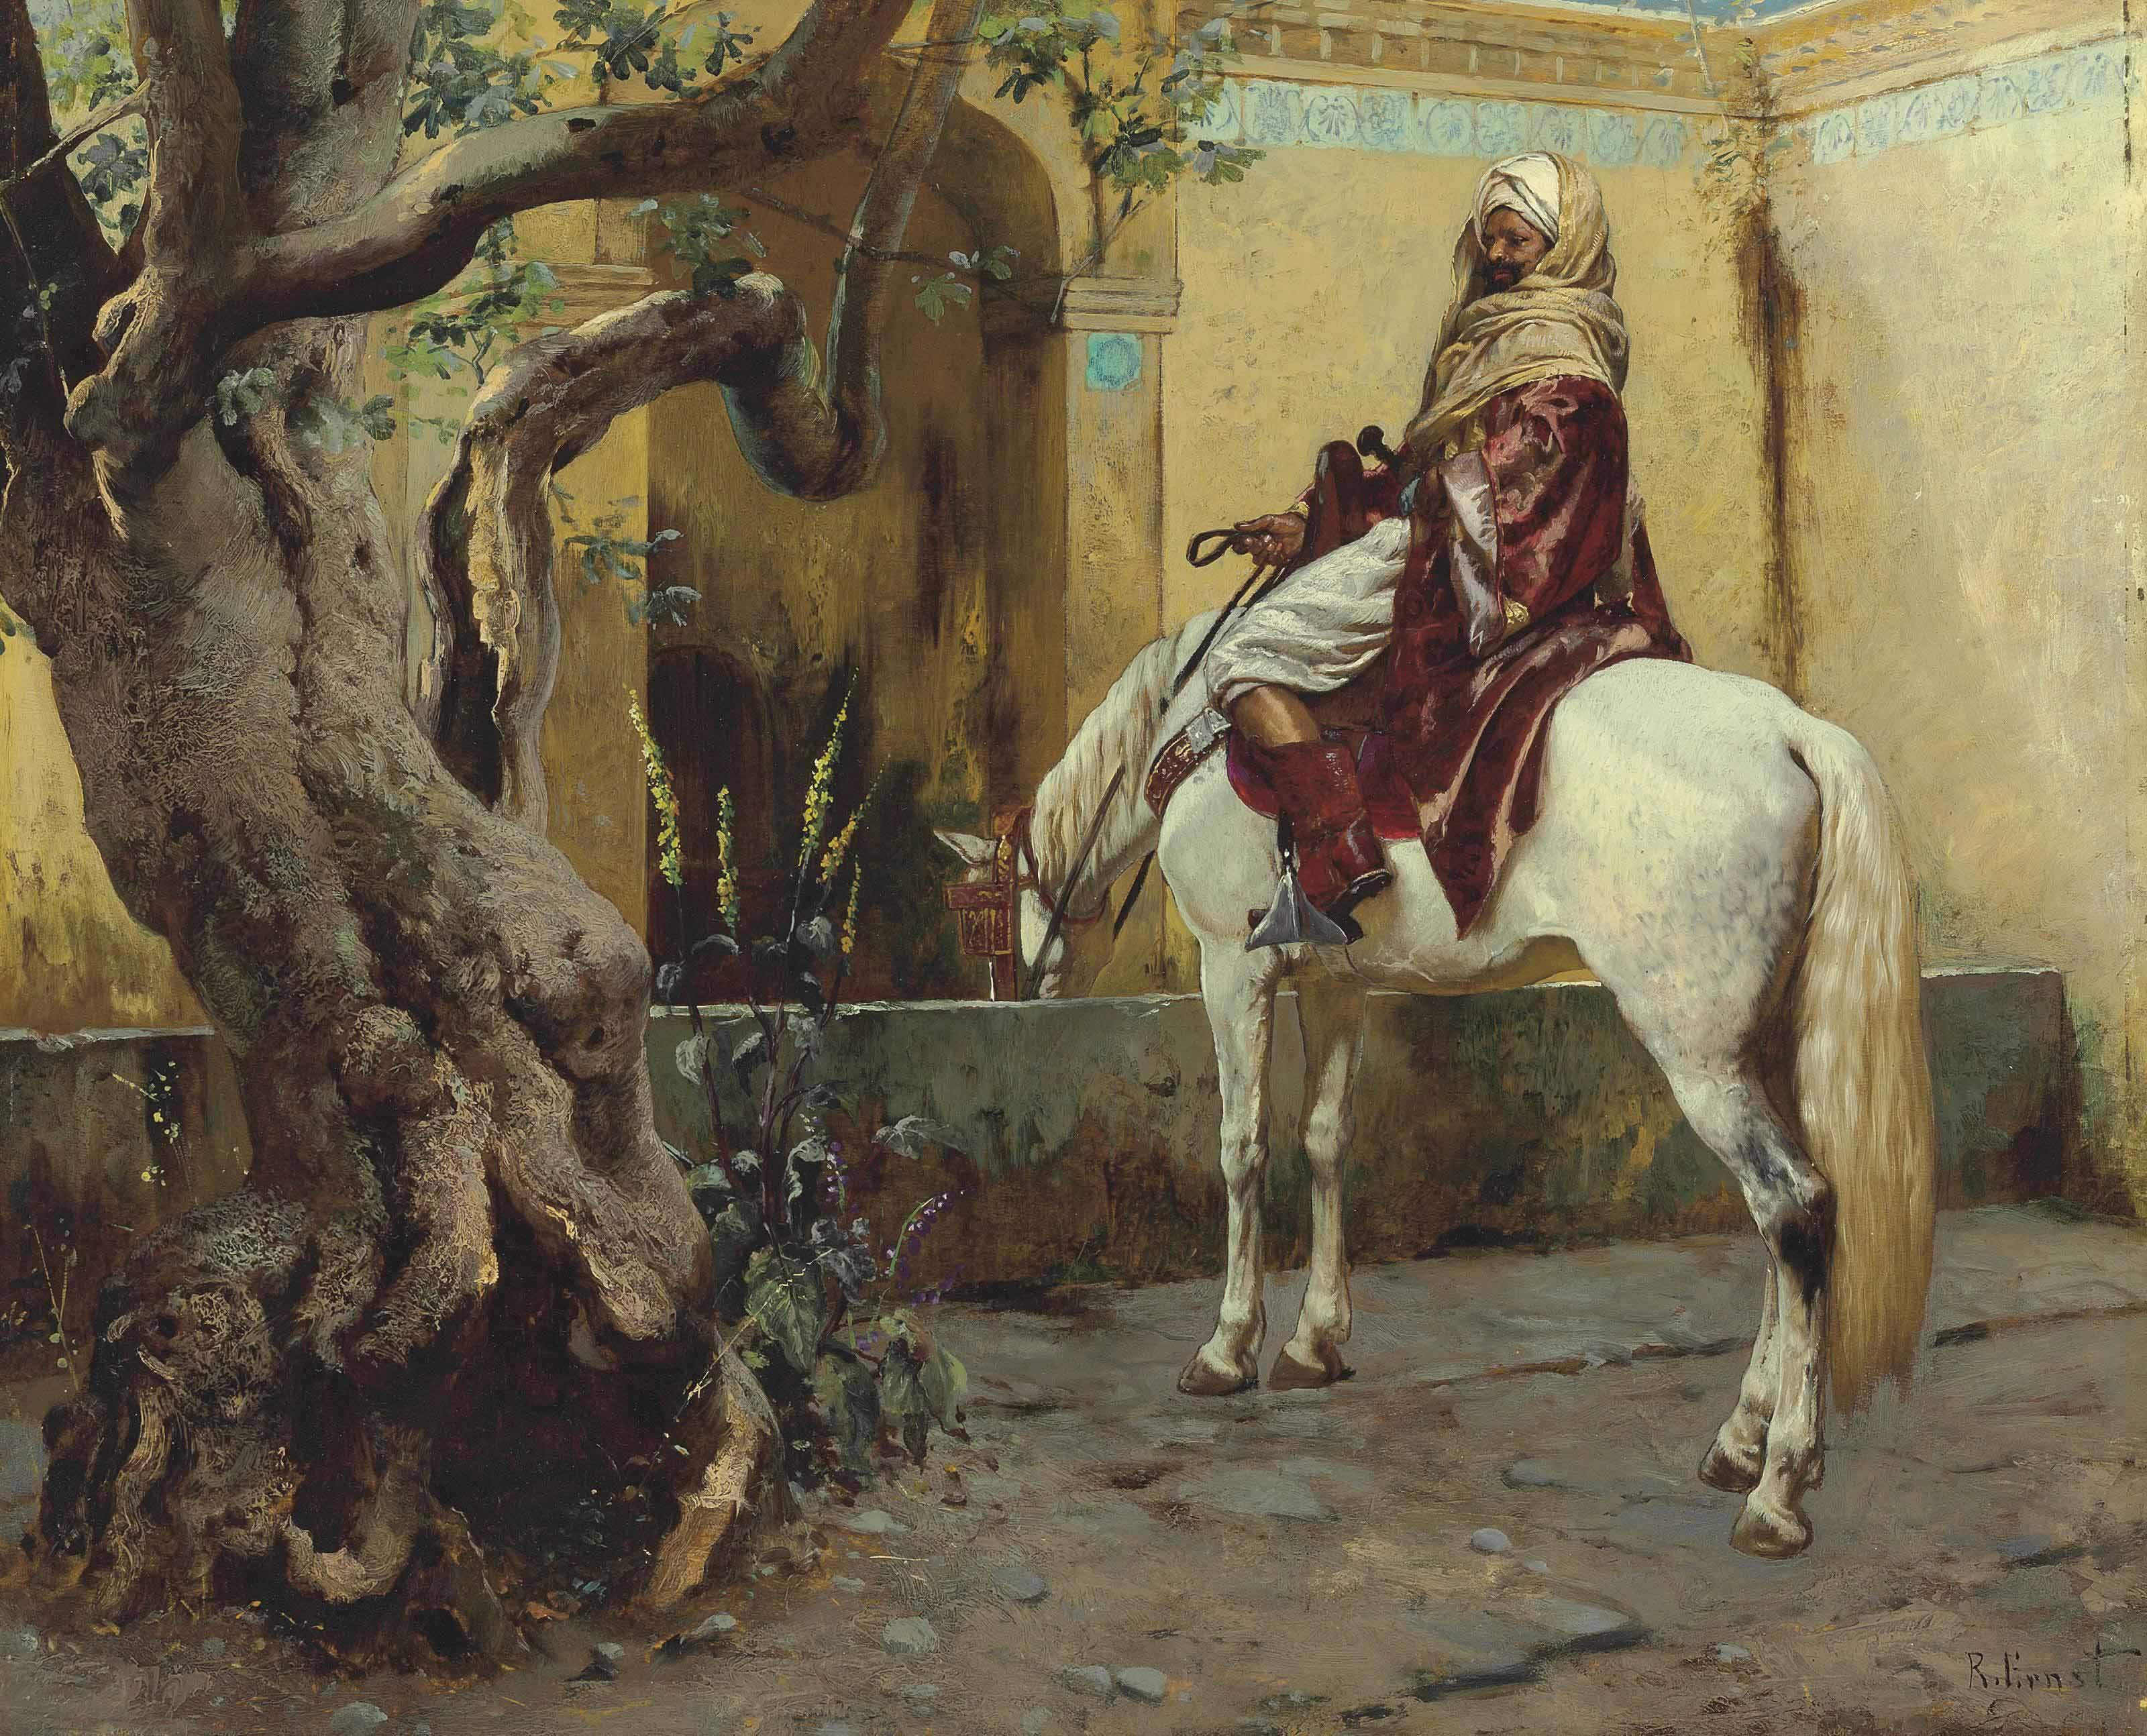 Rudolf Ernst (Austrian, 1854-1